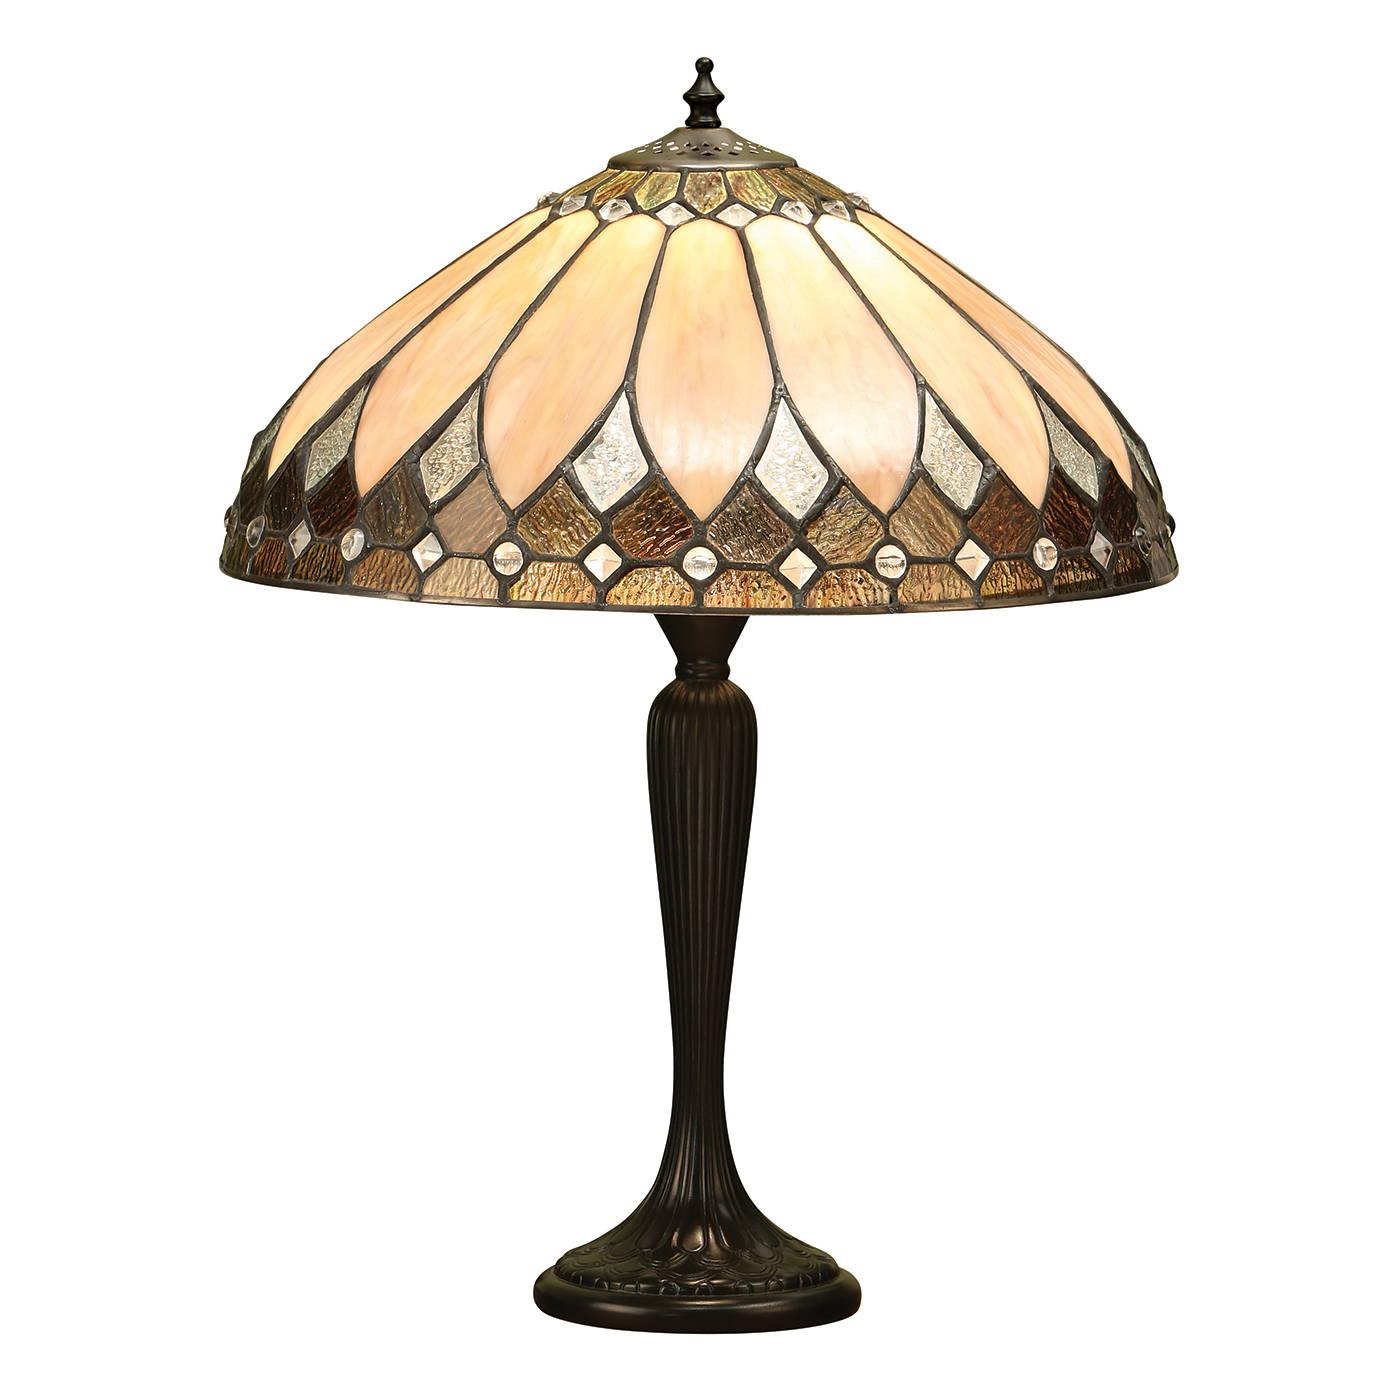 Large Tiffany Style Lighting limk